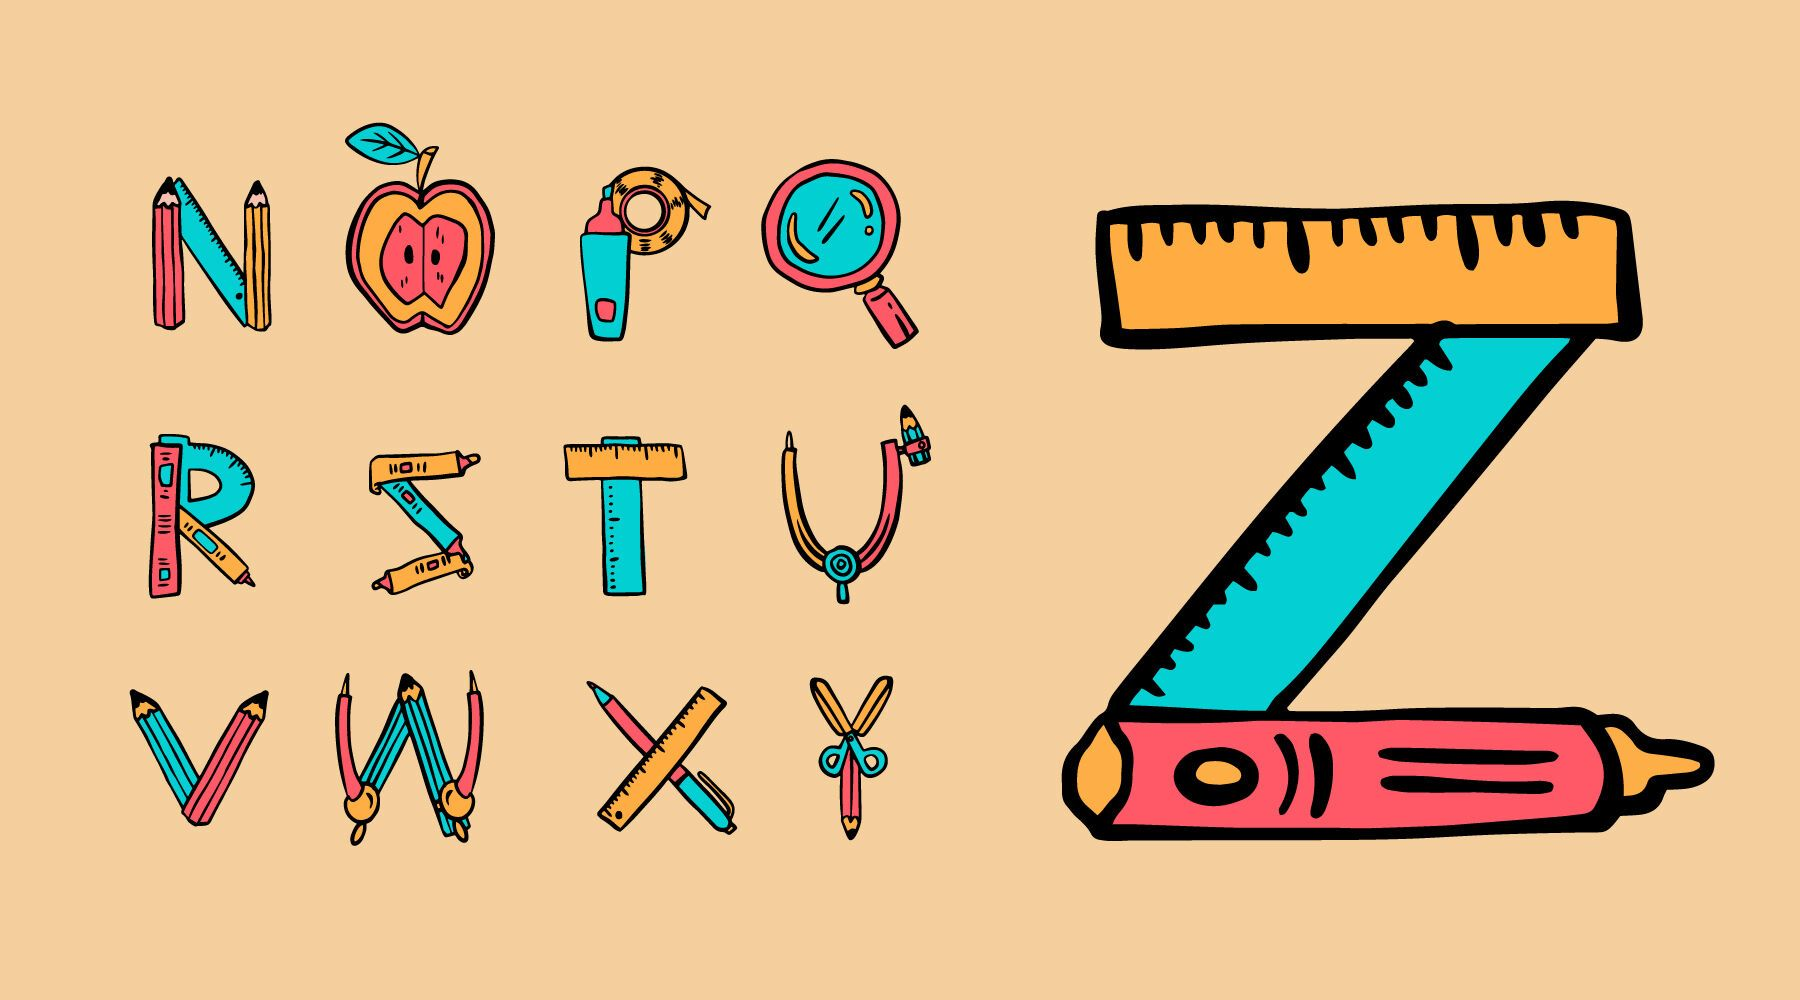 Conjunto de útiles escolares para niños del alfabeto.